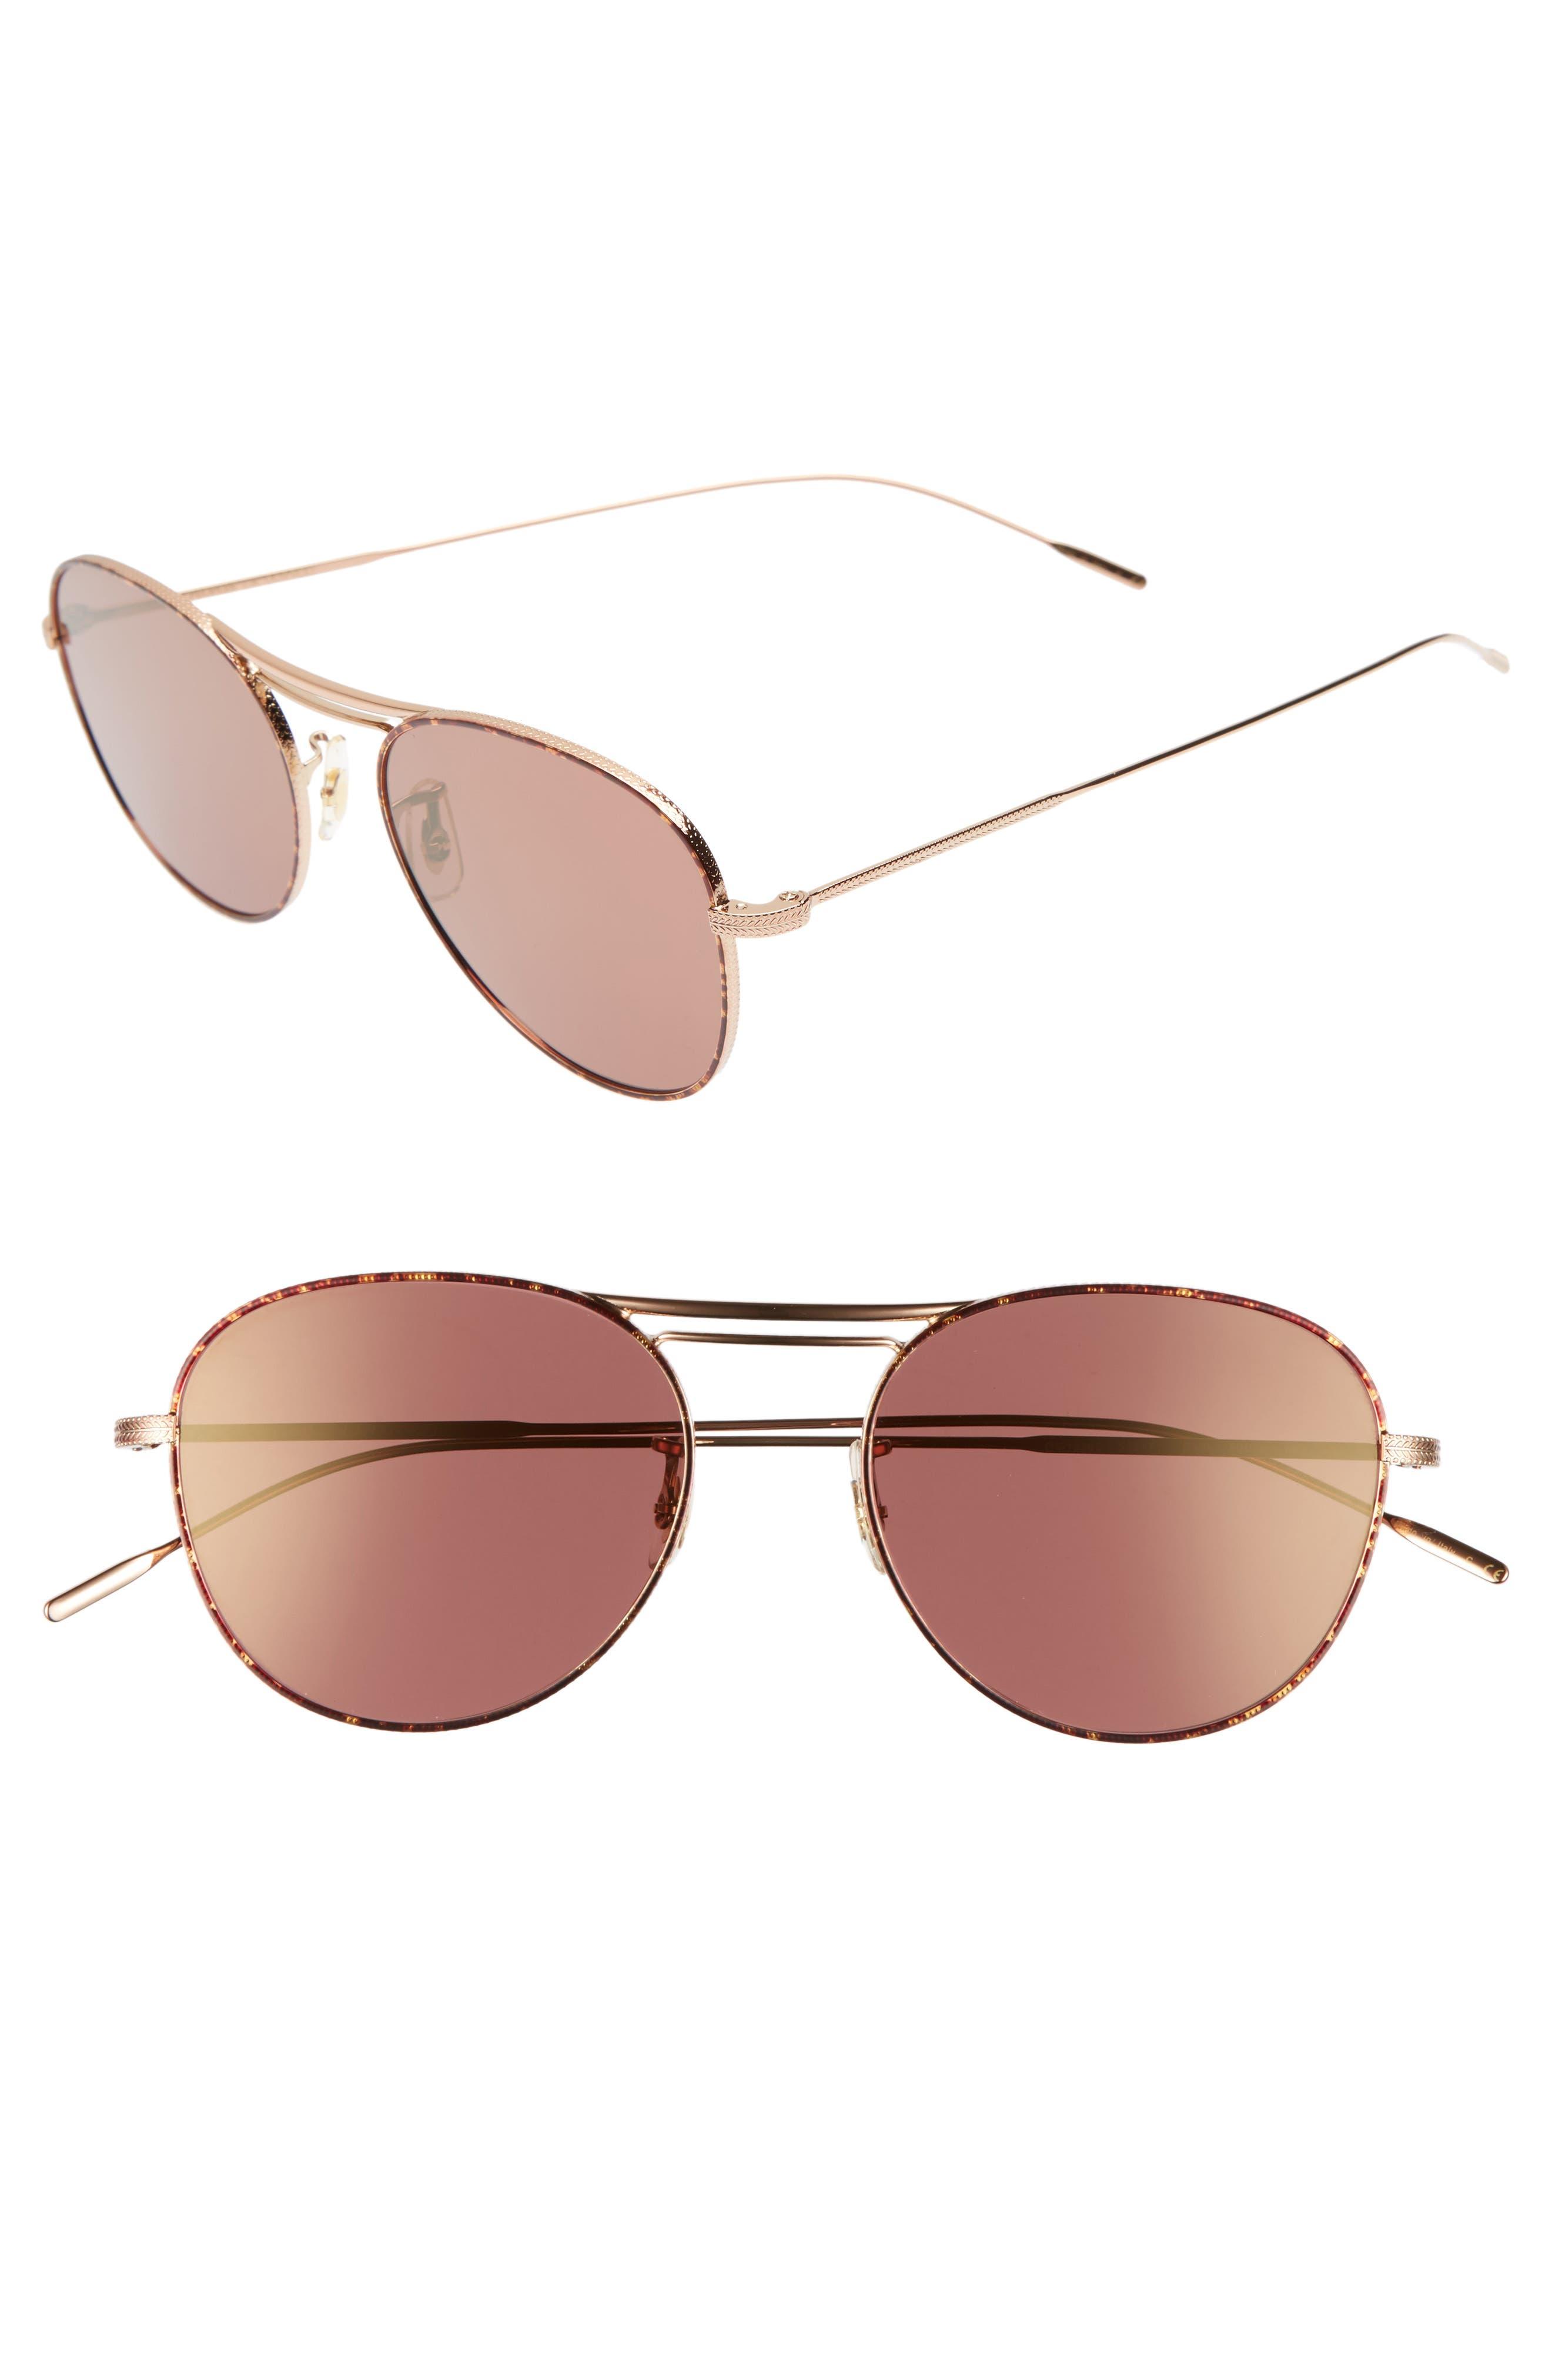 Cade 52mm Mirror Lens Aviator Sunglasses,                         Main,                         color, Burgundy